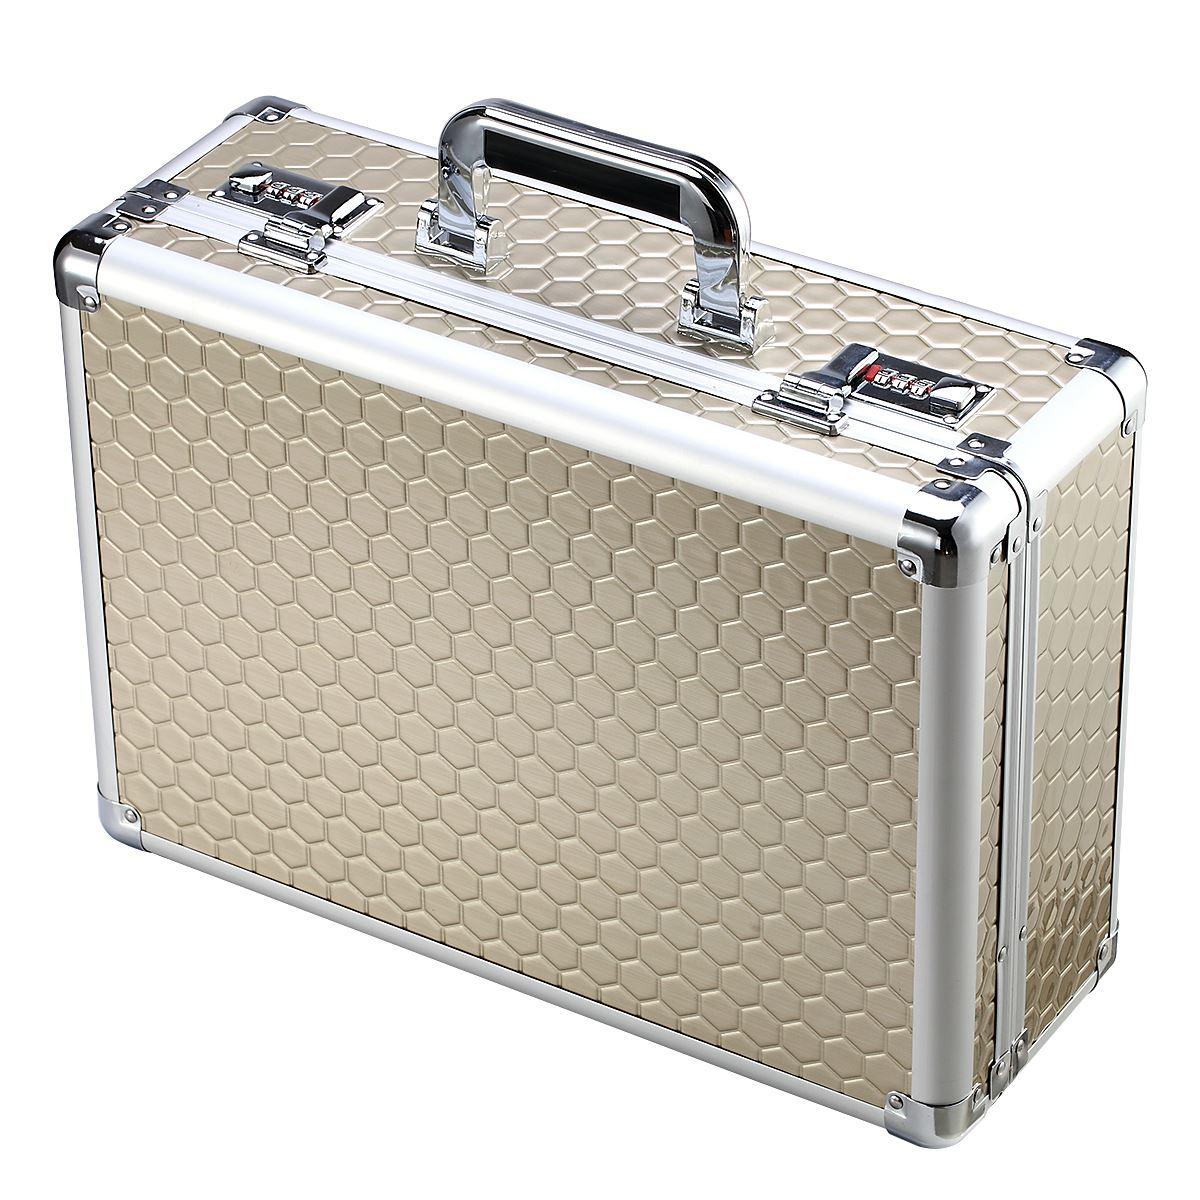 金庫の暗証番号の書類箱の家庭用金庫の装身具の携帯型小型の携帯用のケースは盗難防止のため車載しています。